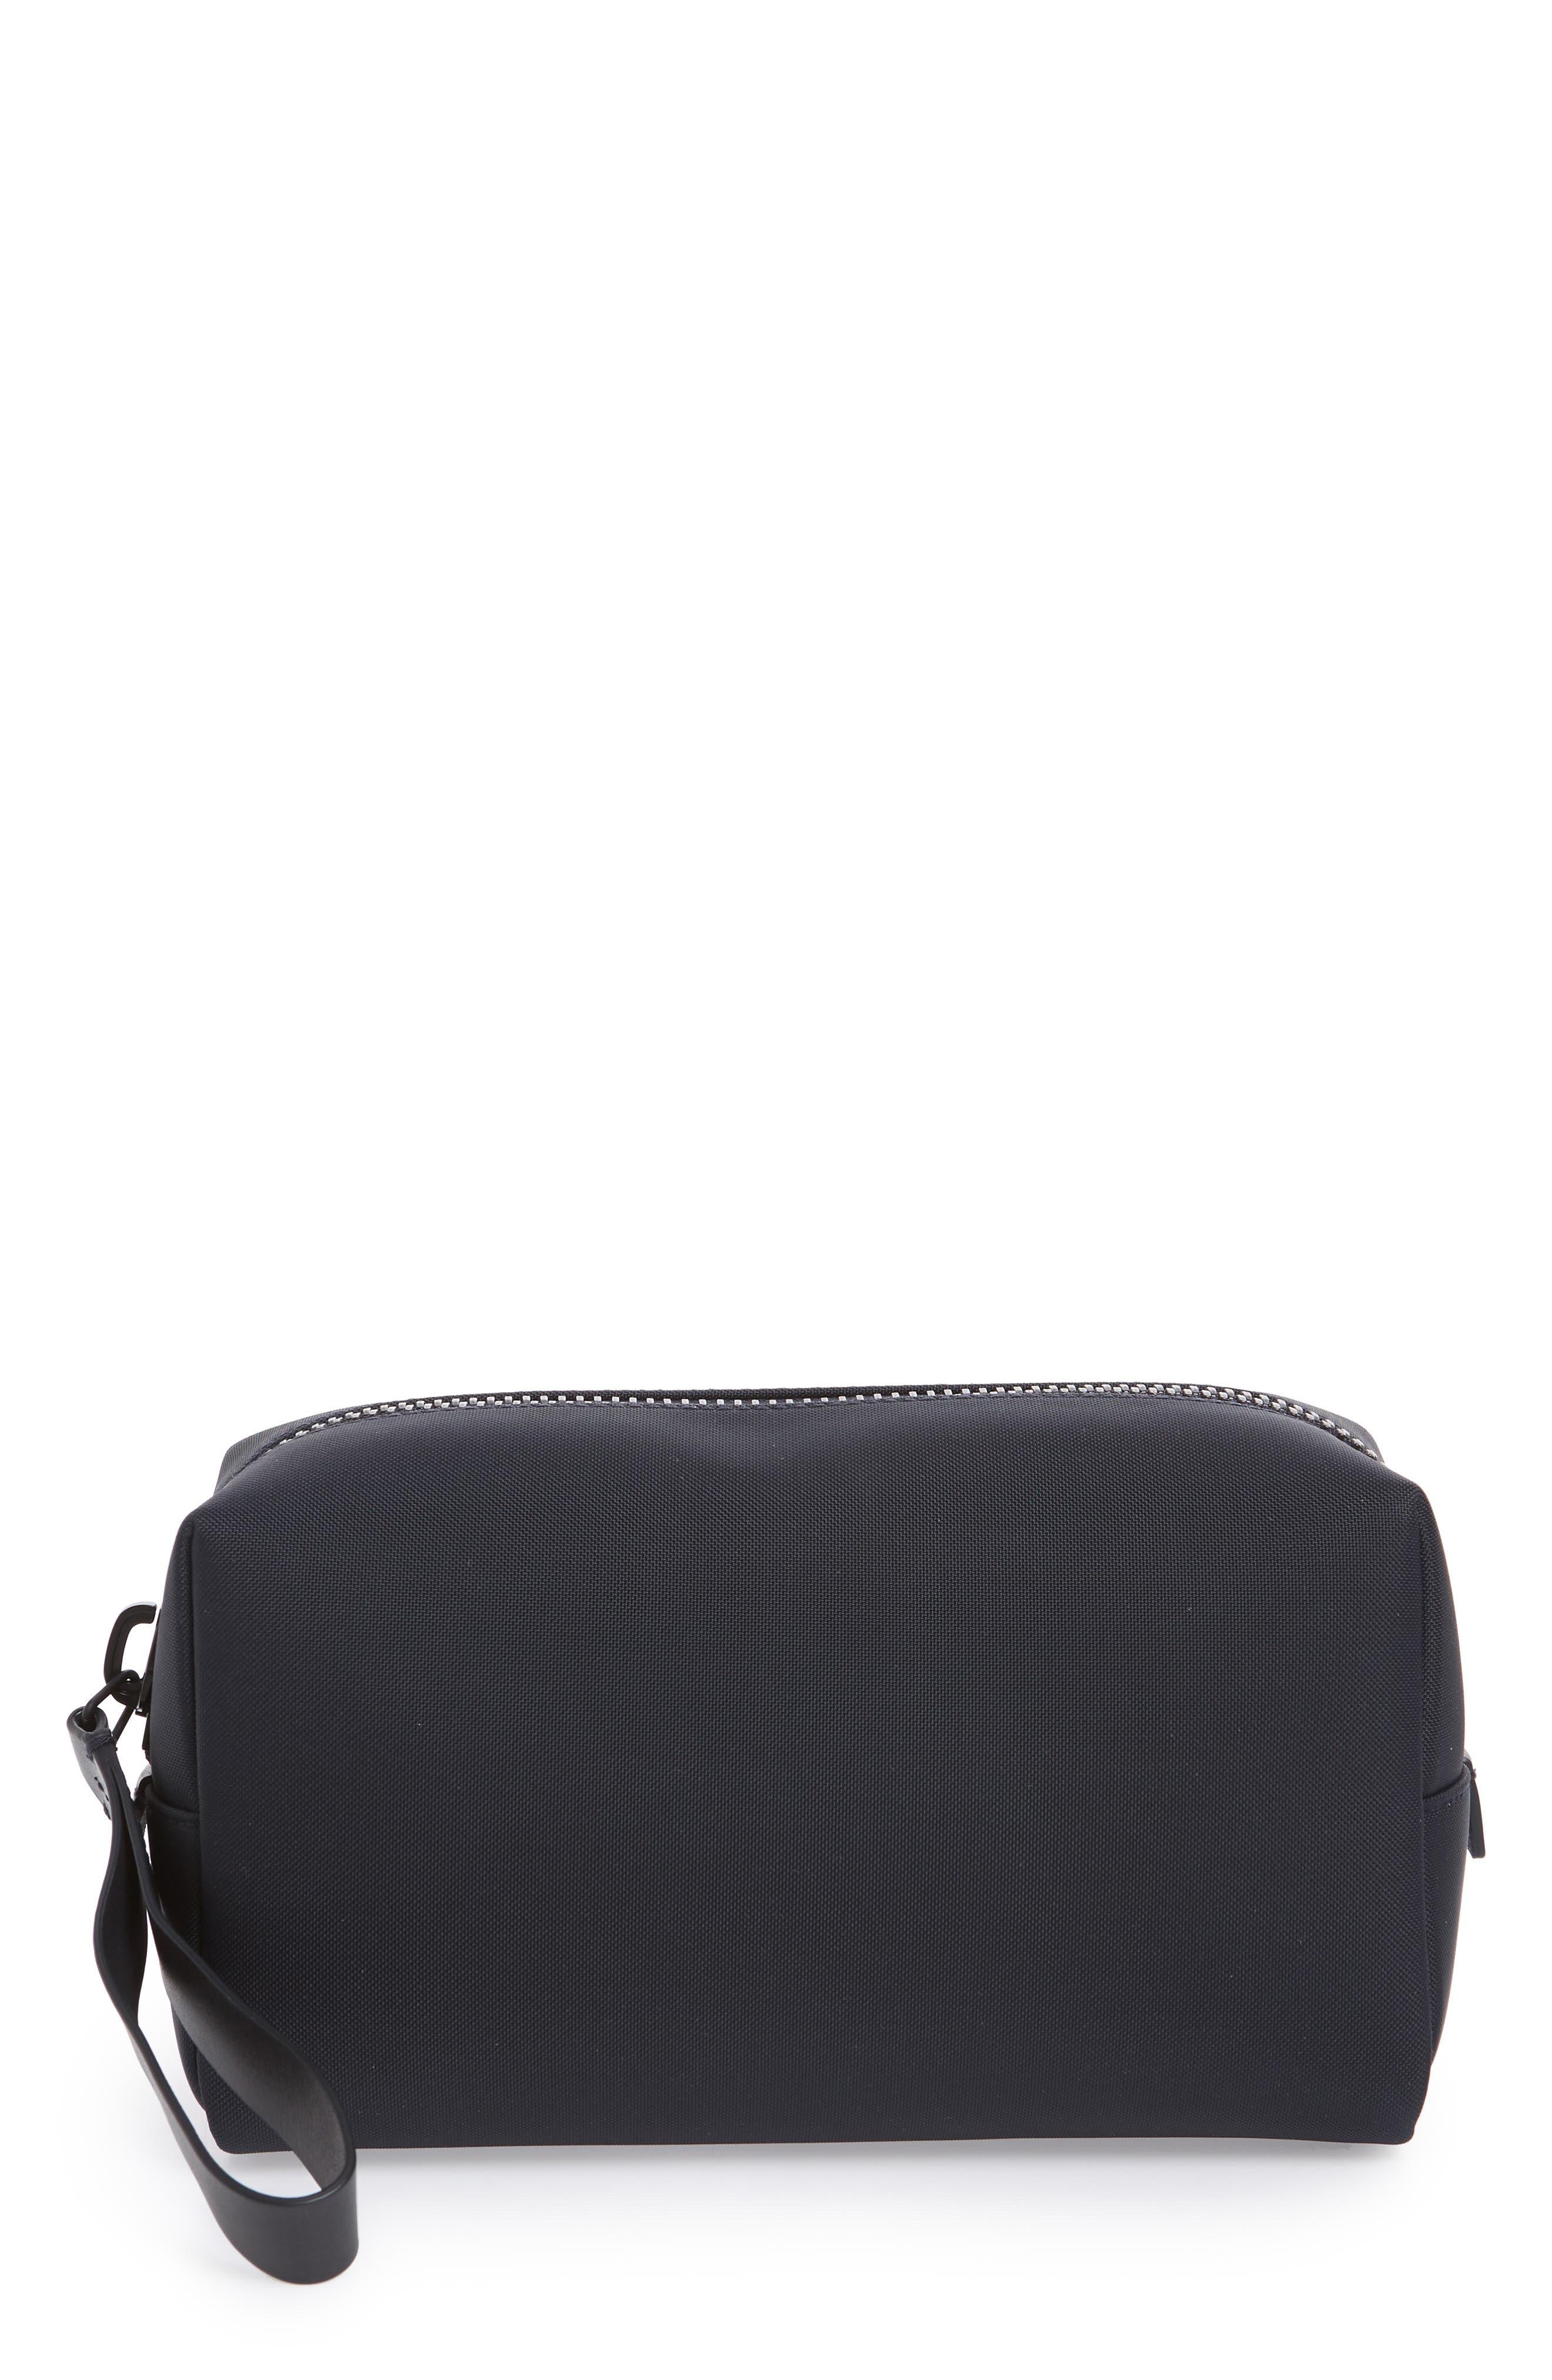 Nylon Dopp Kit,                             Main thumbnail 1, color,                             Navy Nylon/ Navy Leather